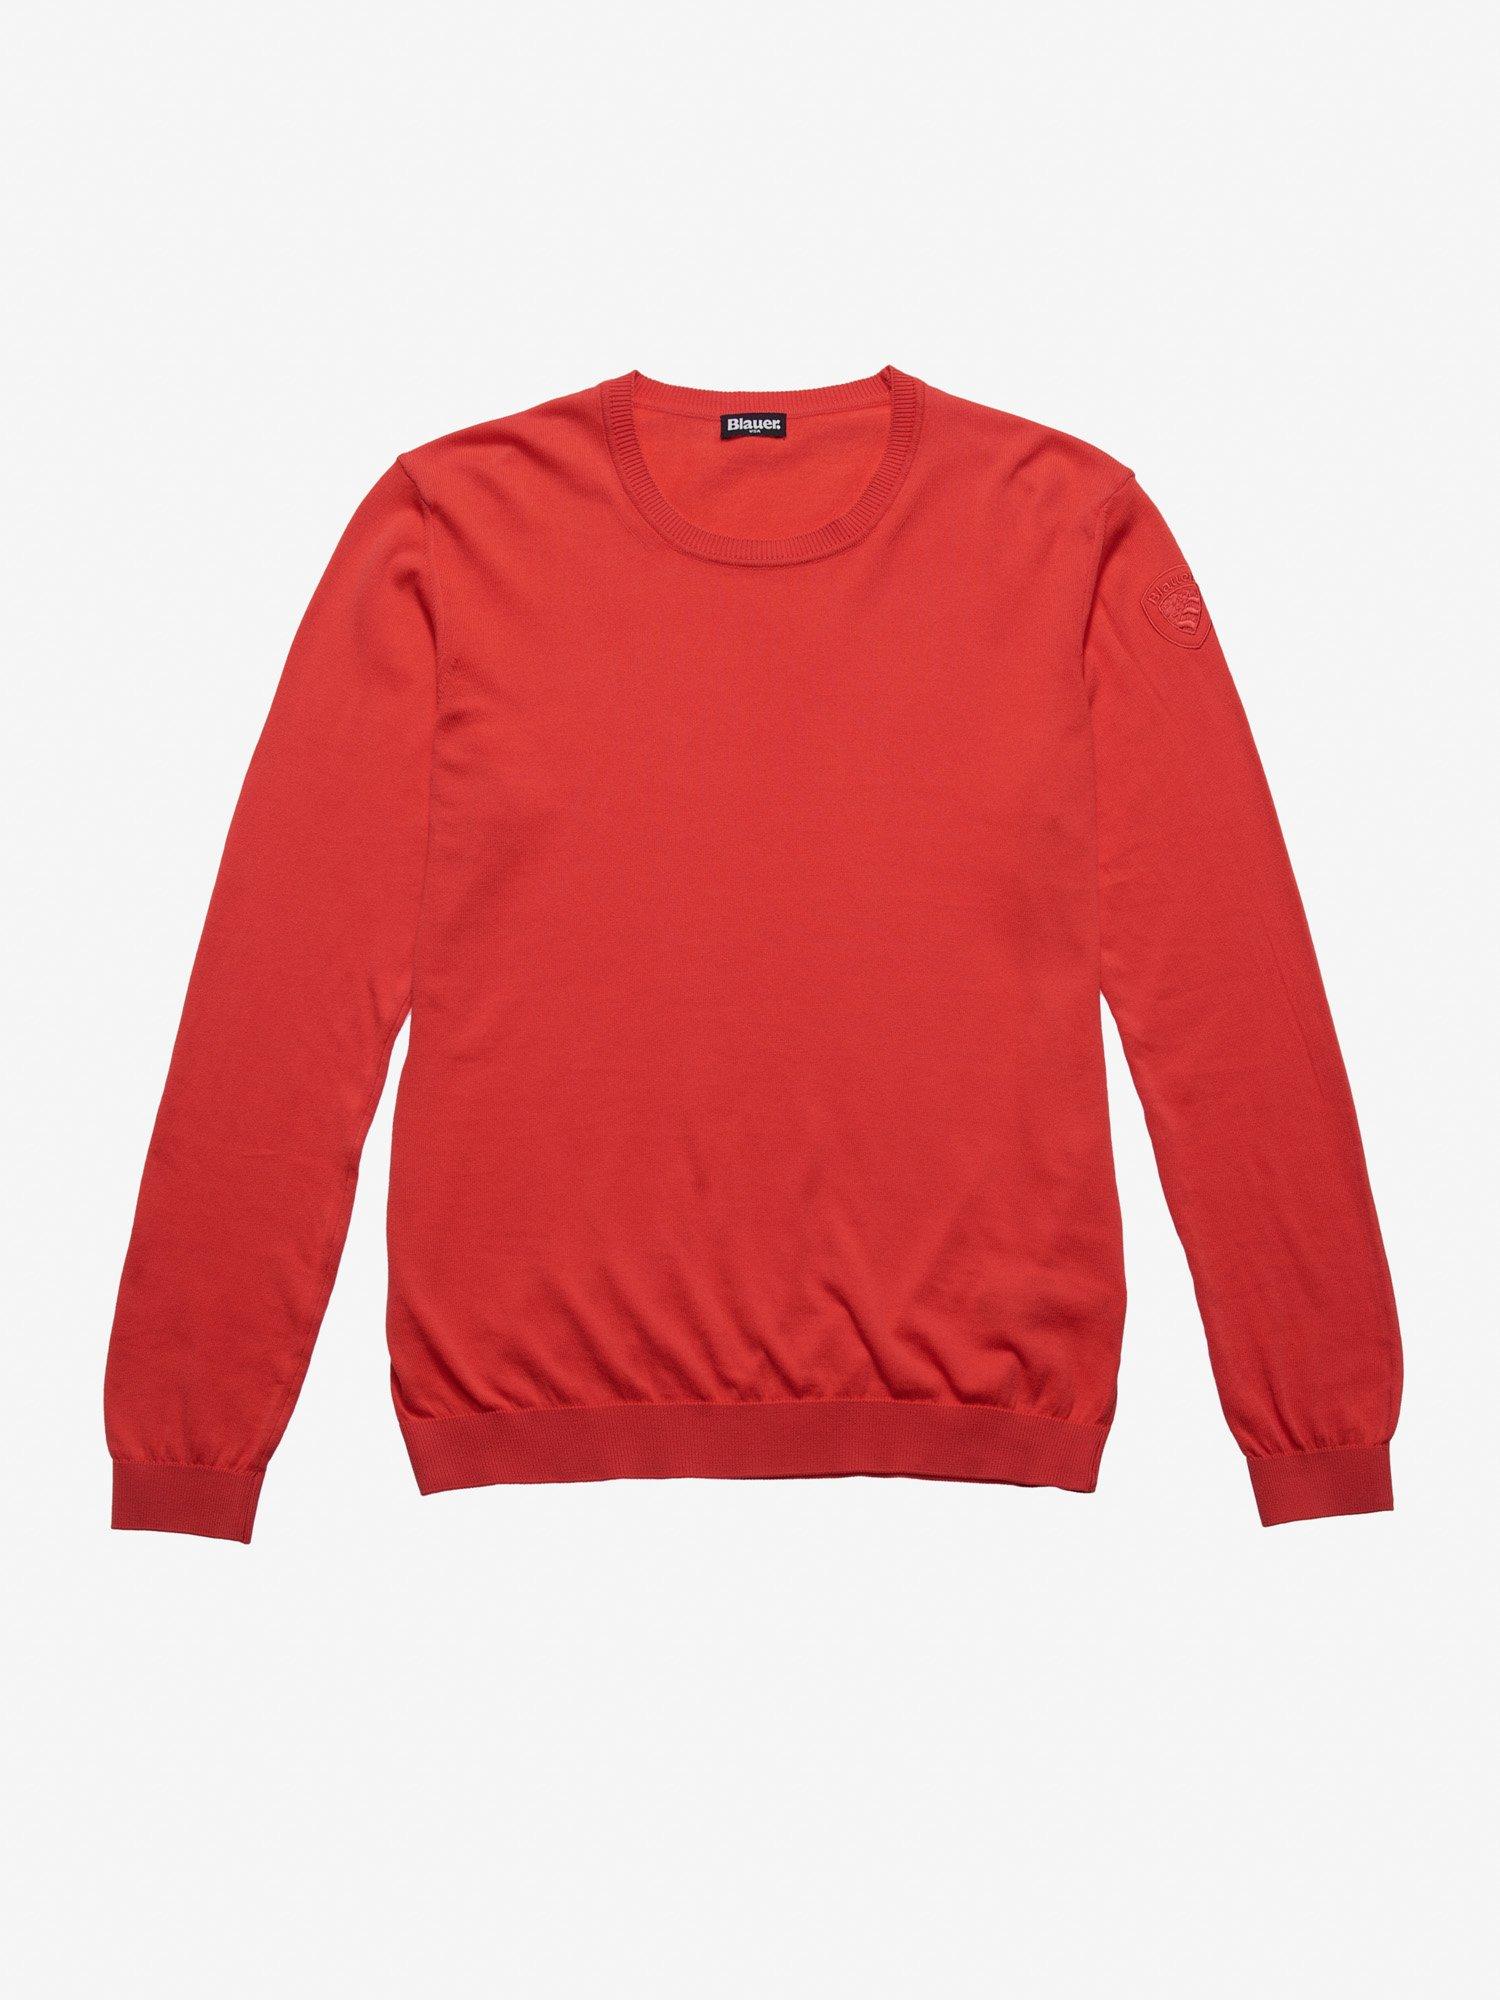 Blauer - BLAUER CREW NECK SWEATER - Red Ginger - Blauer